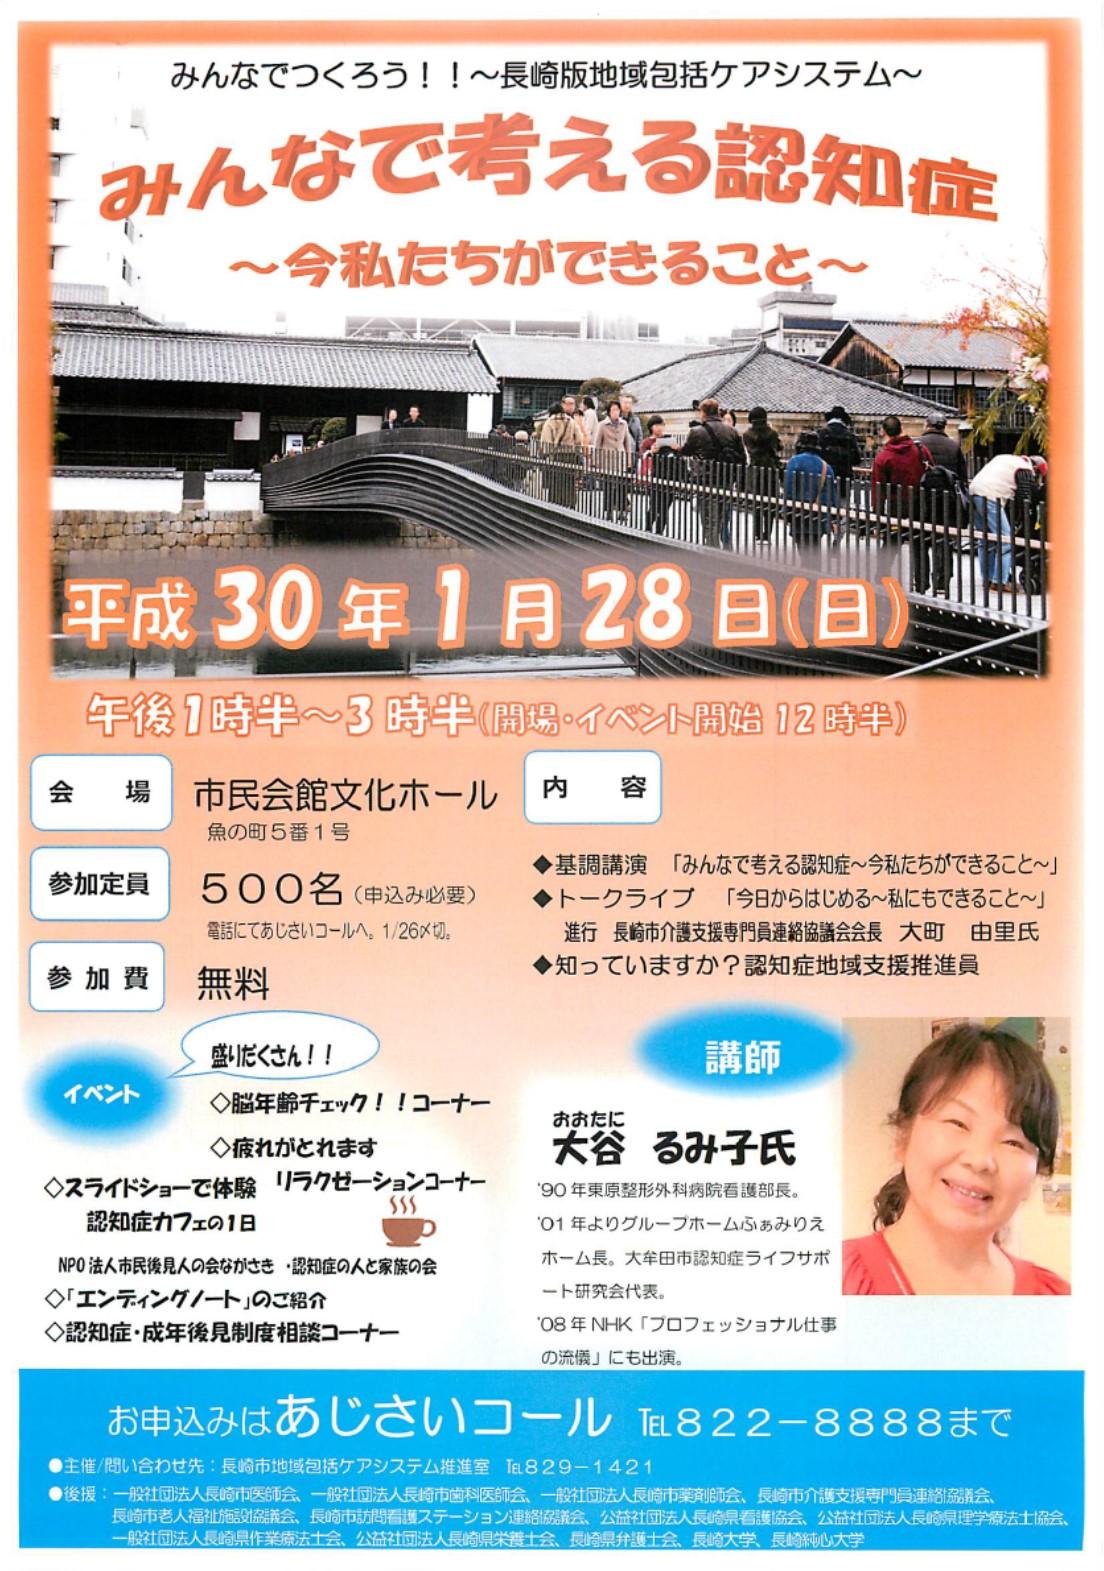 長崎市地域包括ケア推進室主催研修会(本会、後援) @ 市民会館文化ホール | 長崎市 | 長崎県 | 日本